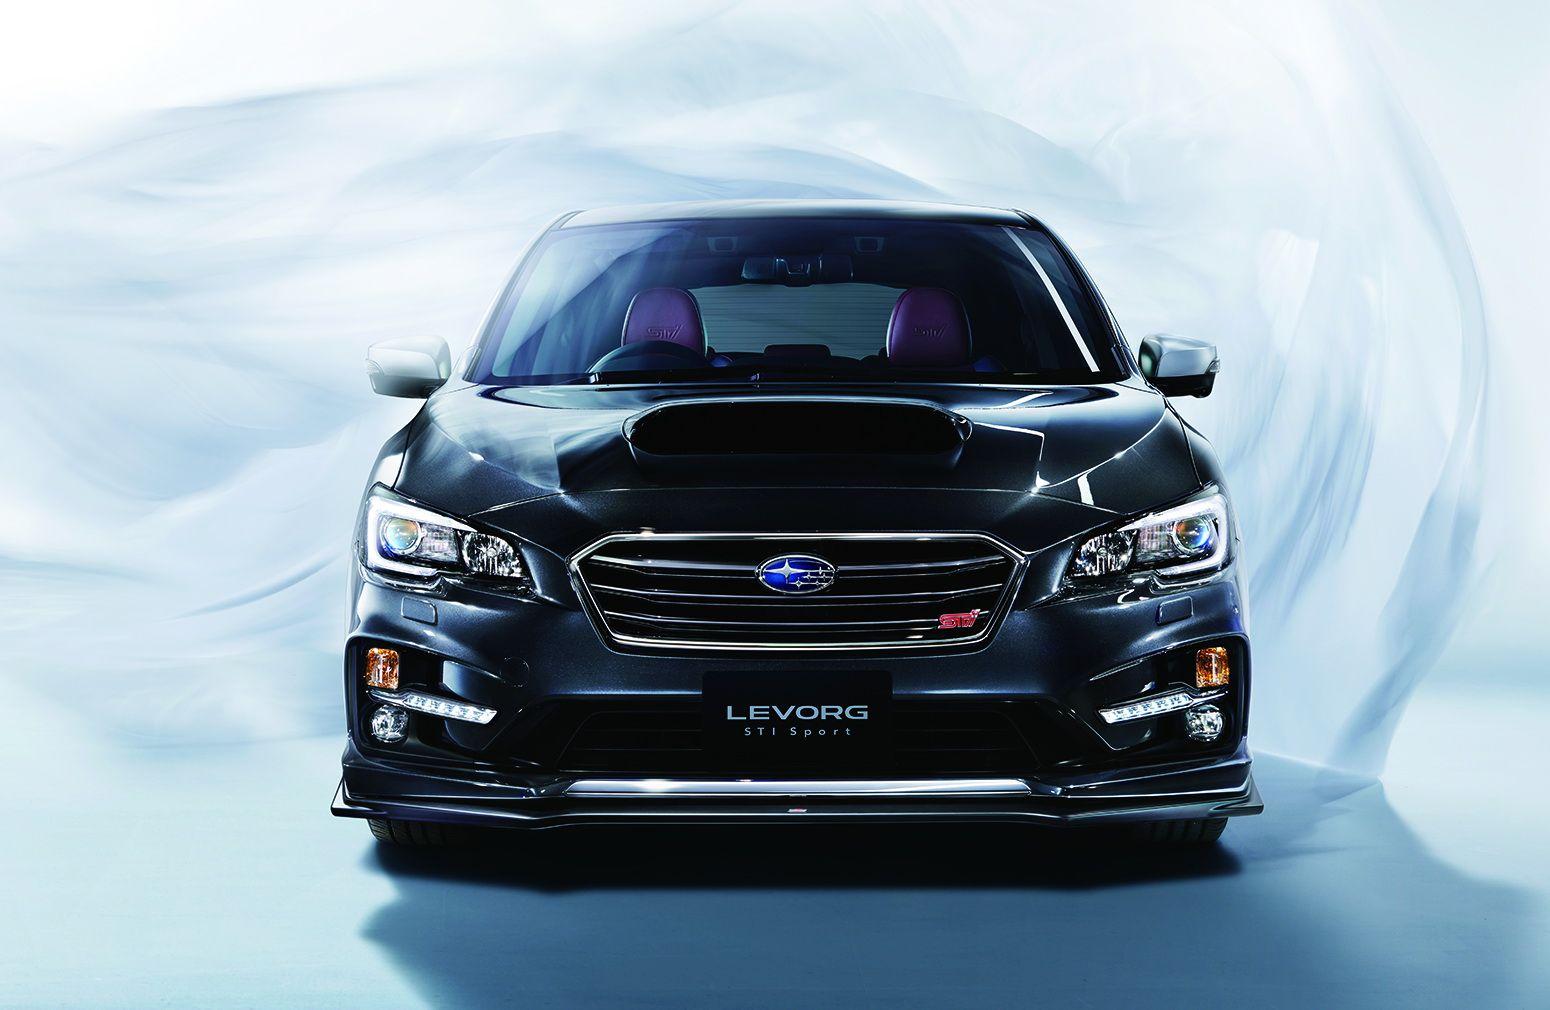 New Subaru Levorg Sti Sport Wagon Is Kind Of A Bummer Subaru Levorg Sports Wagon Subaru